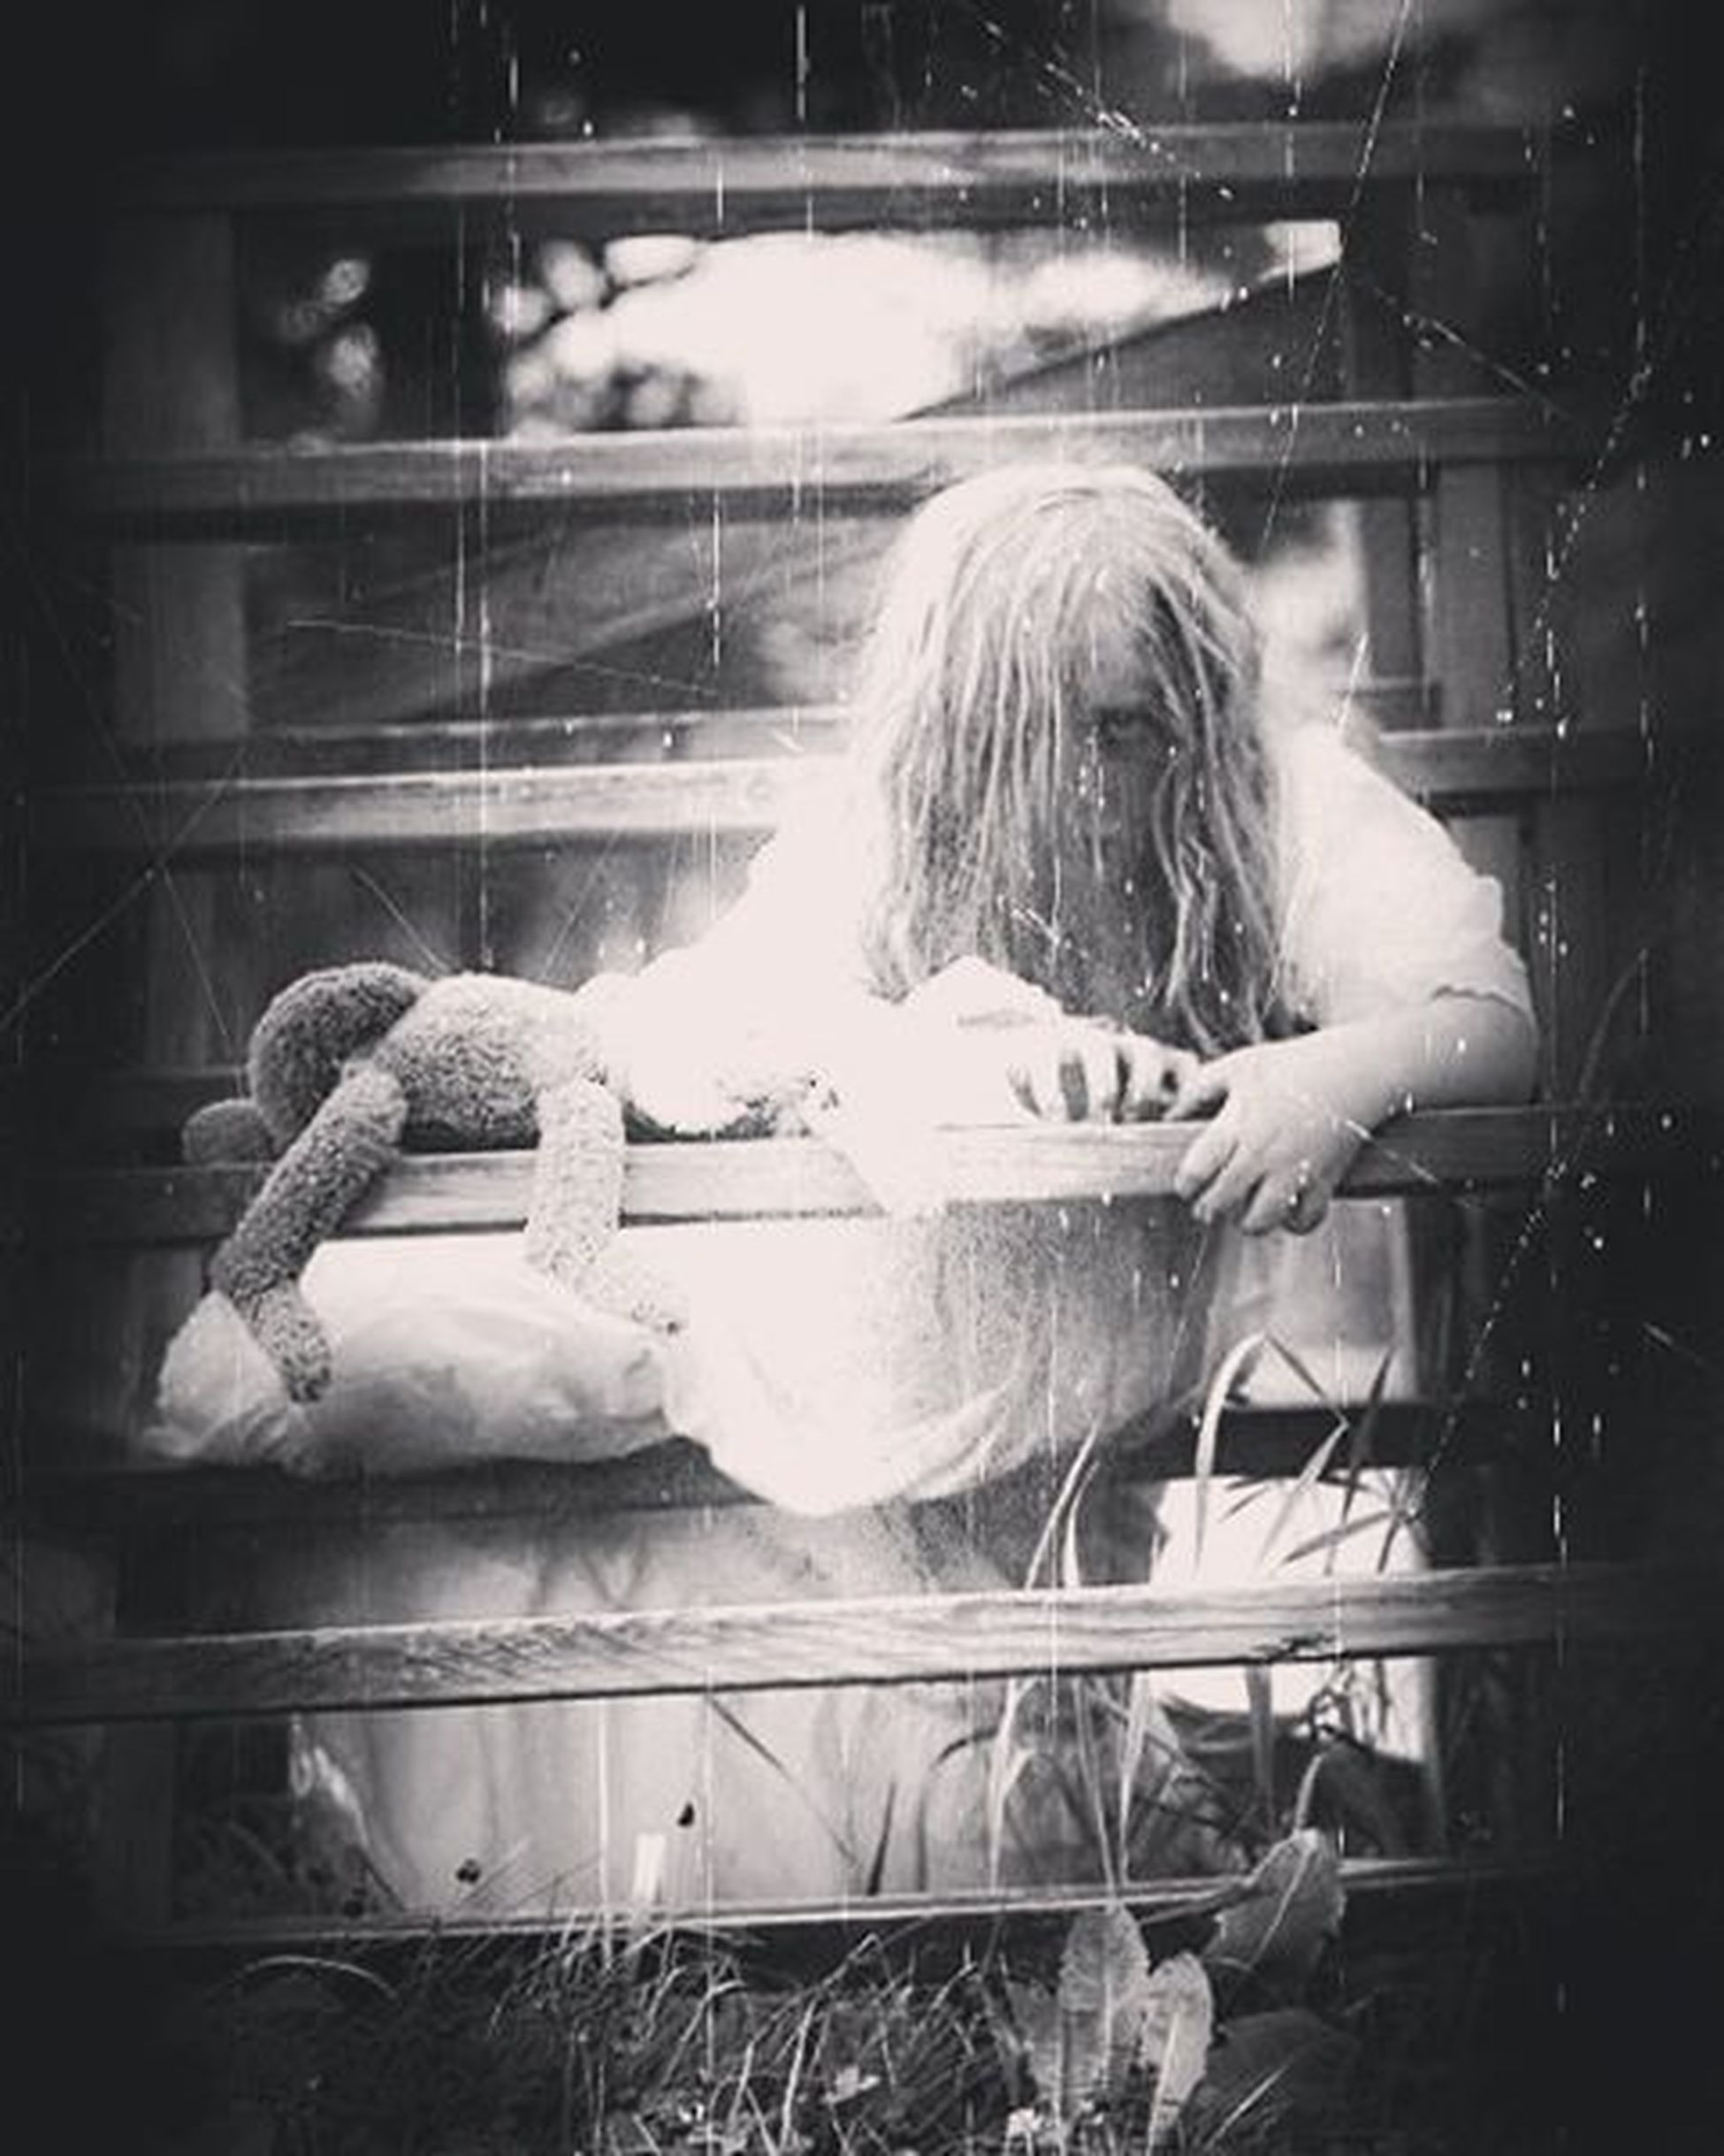 _insomnia_ Darkmornings Conceptual Conceptualphotography